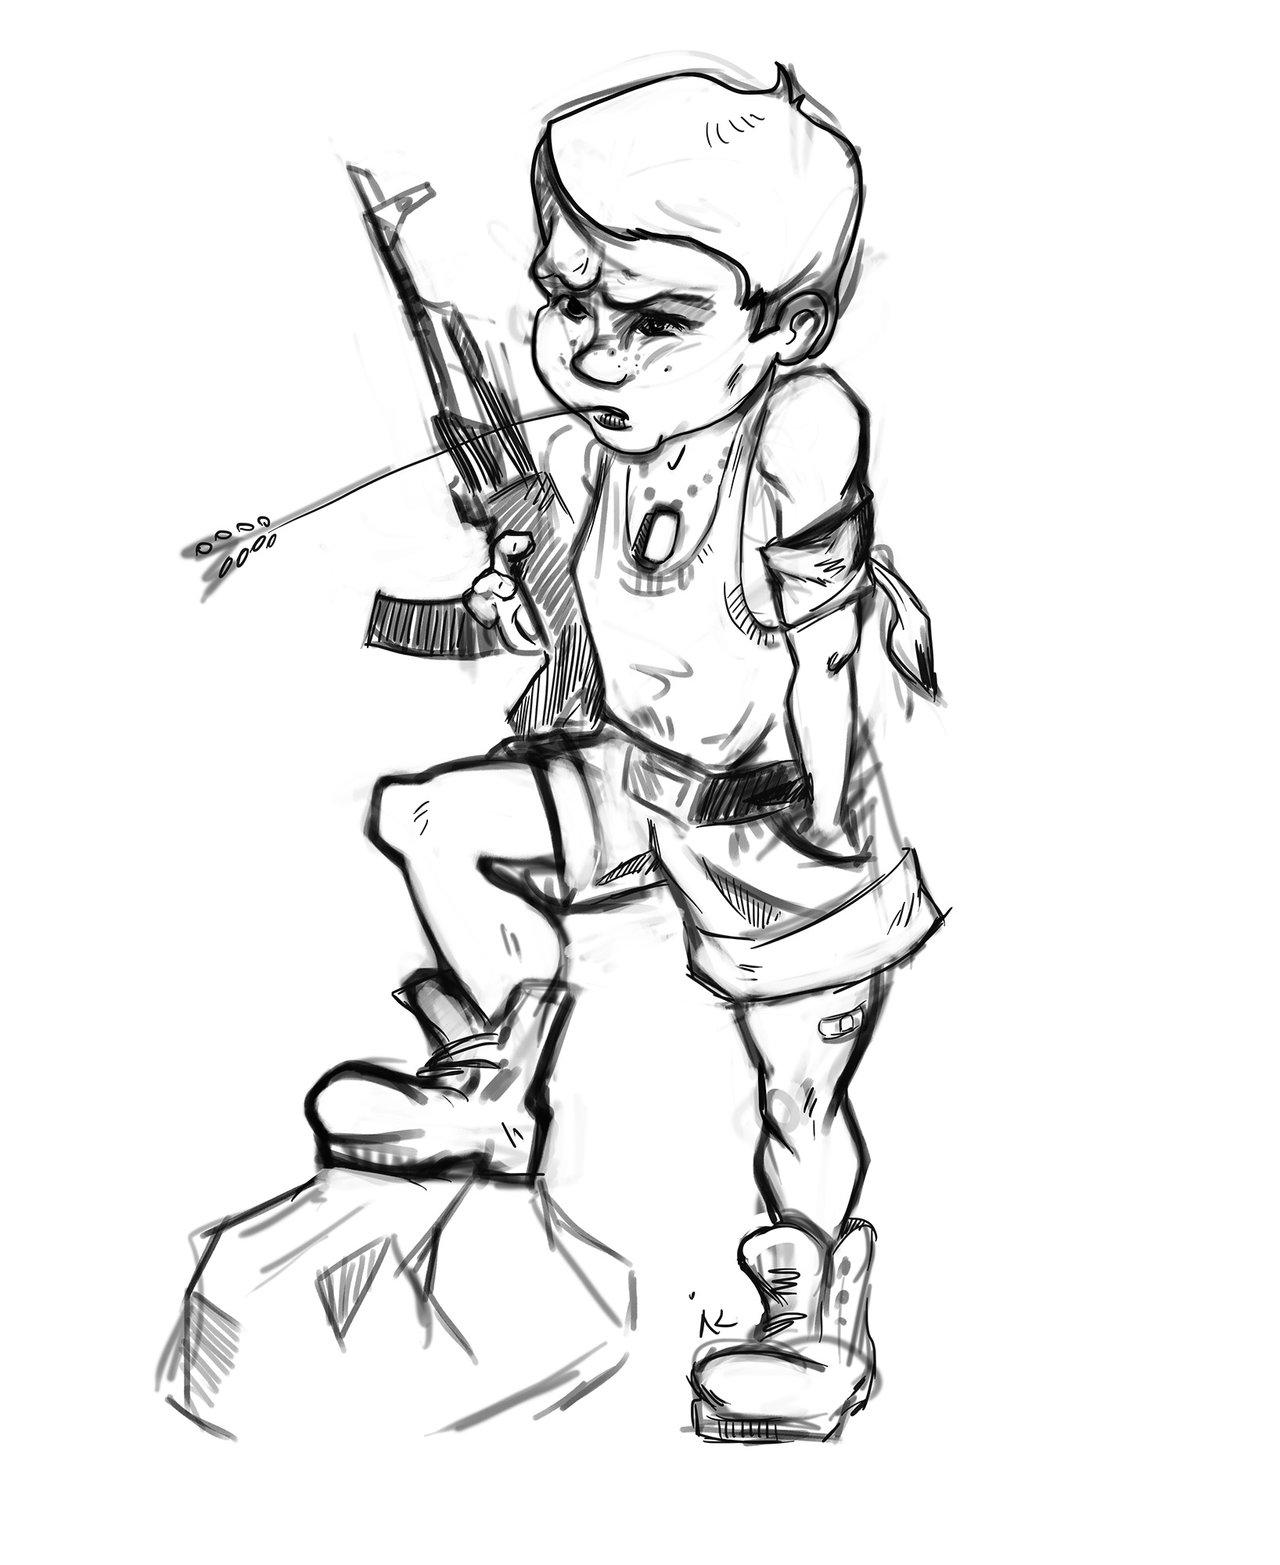 1280x1565 Boy With gun sketch by Drabadambra on DeviantArt